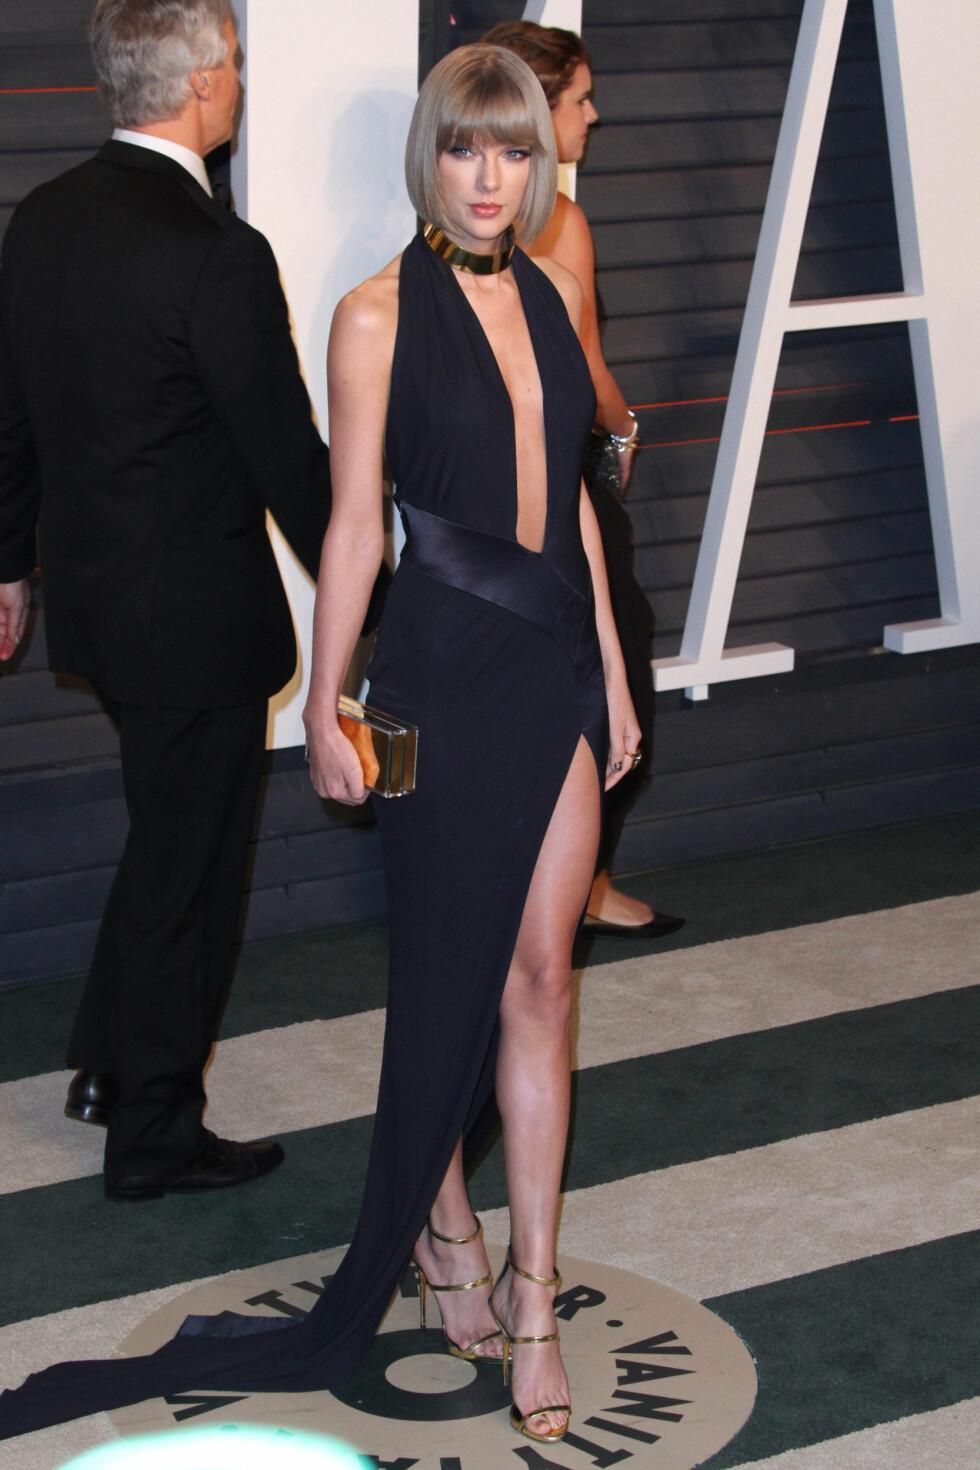 VISTE KLØFT, BEN OG RYGG: Taylor Swift valgte en sort kjole fra Alexandre Vauthier Couture.  Foto: SipaUSA